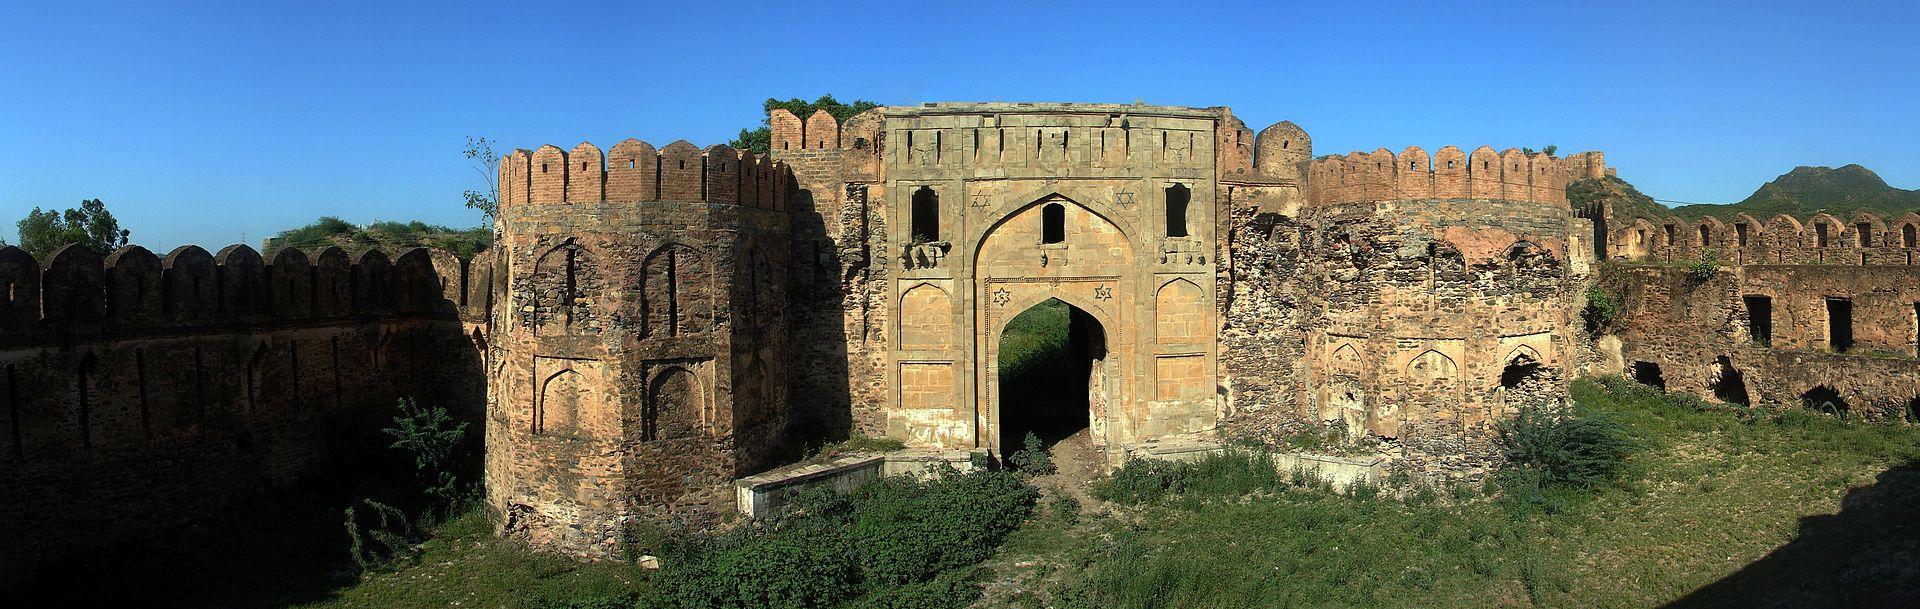 اٹک کا قلعہ